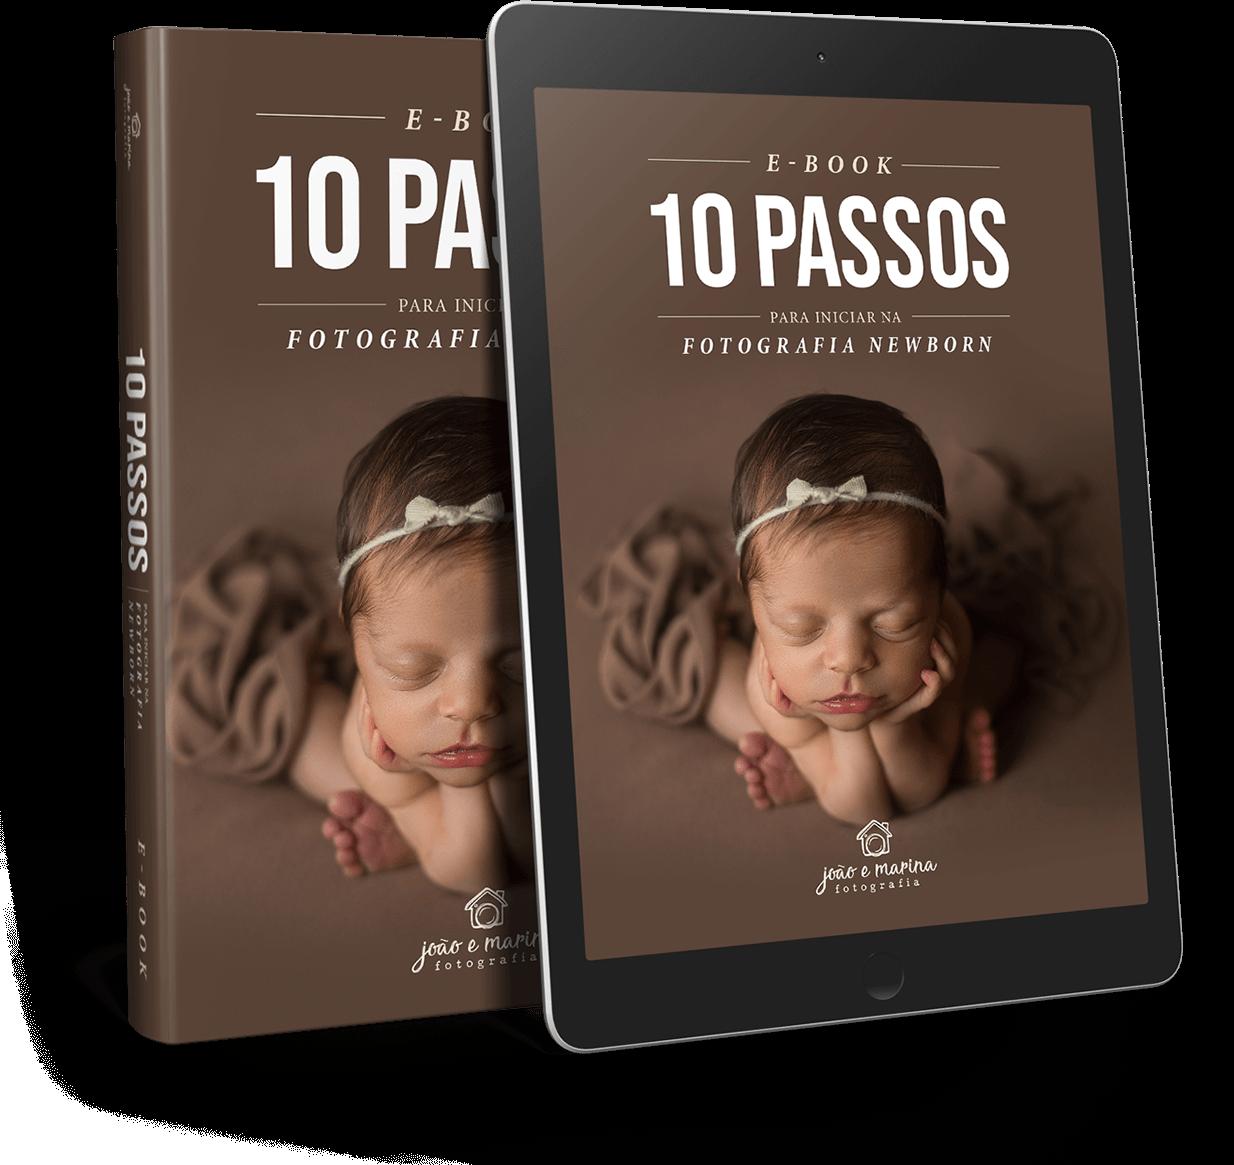 EBOOK 10 PASSOS PARA INICIAR NA FOTOGRAFIA NEWBORN